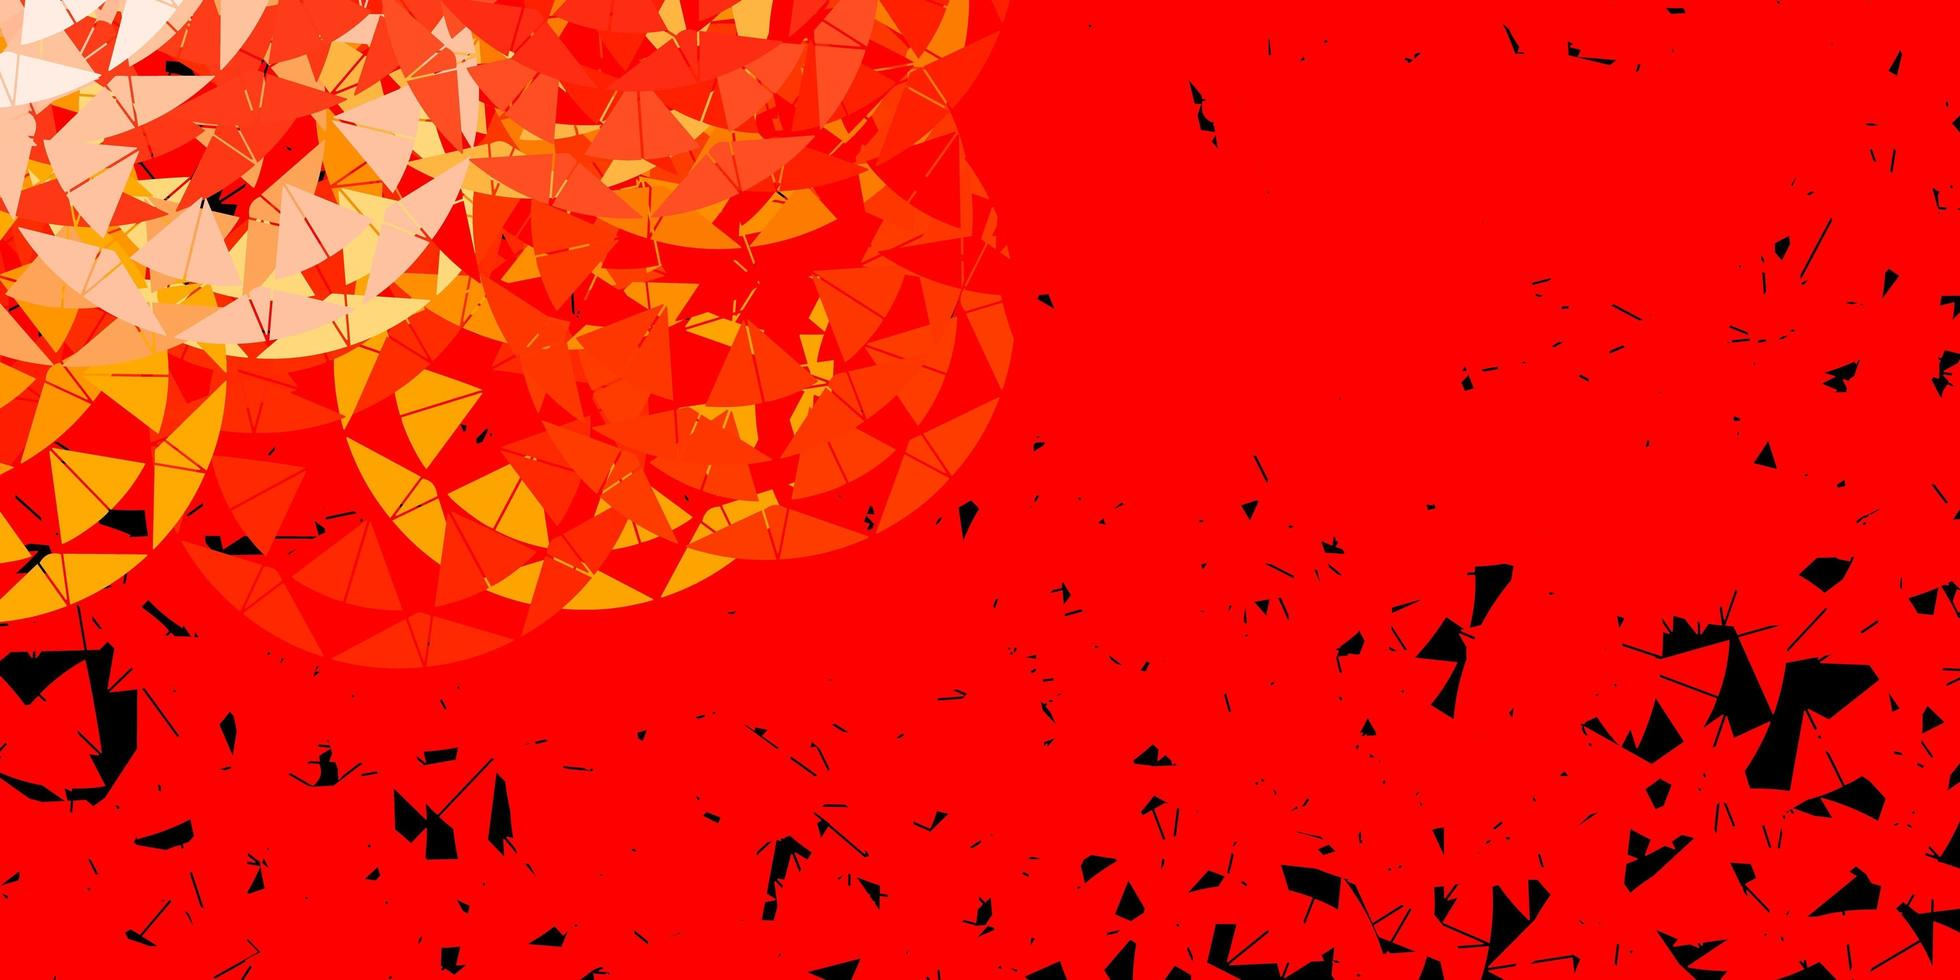 fundo vector vermelho e amarelo claro com triângulos.